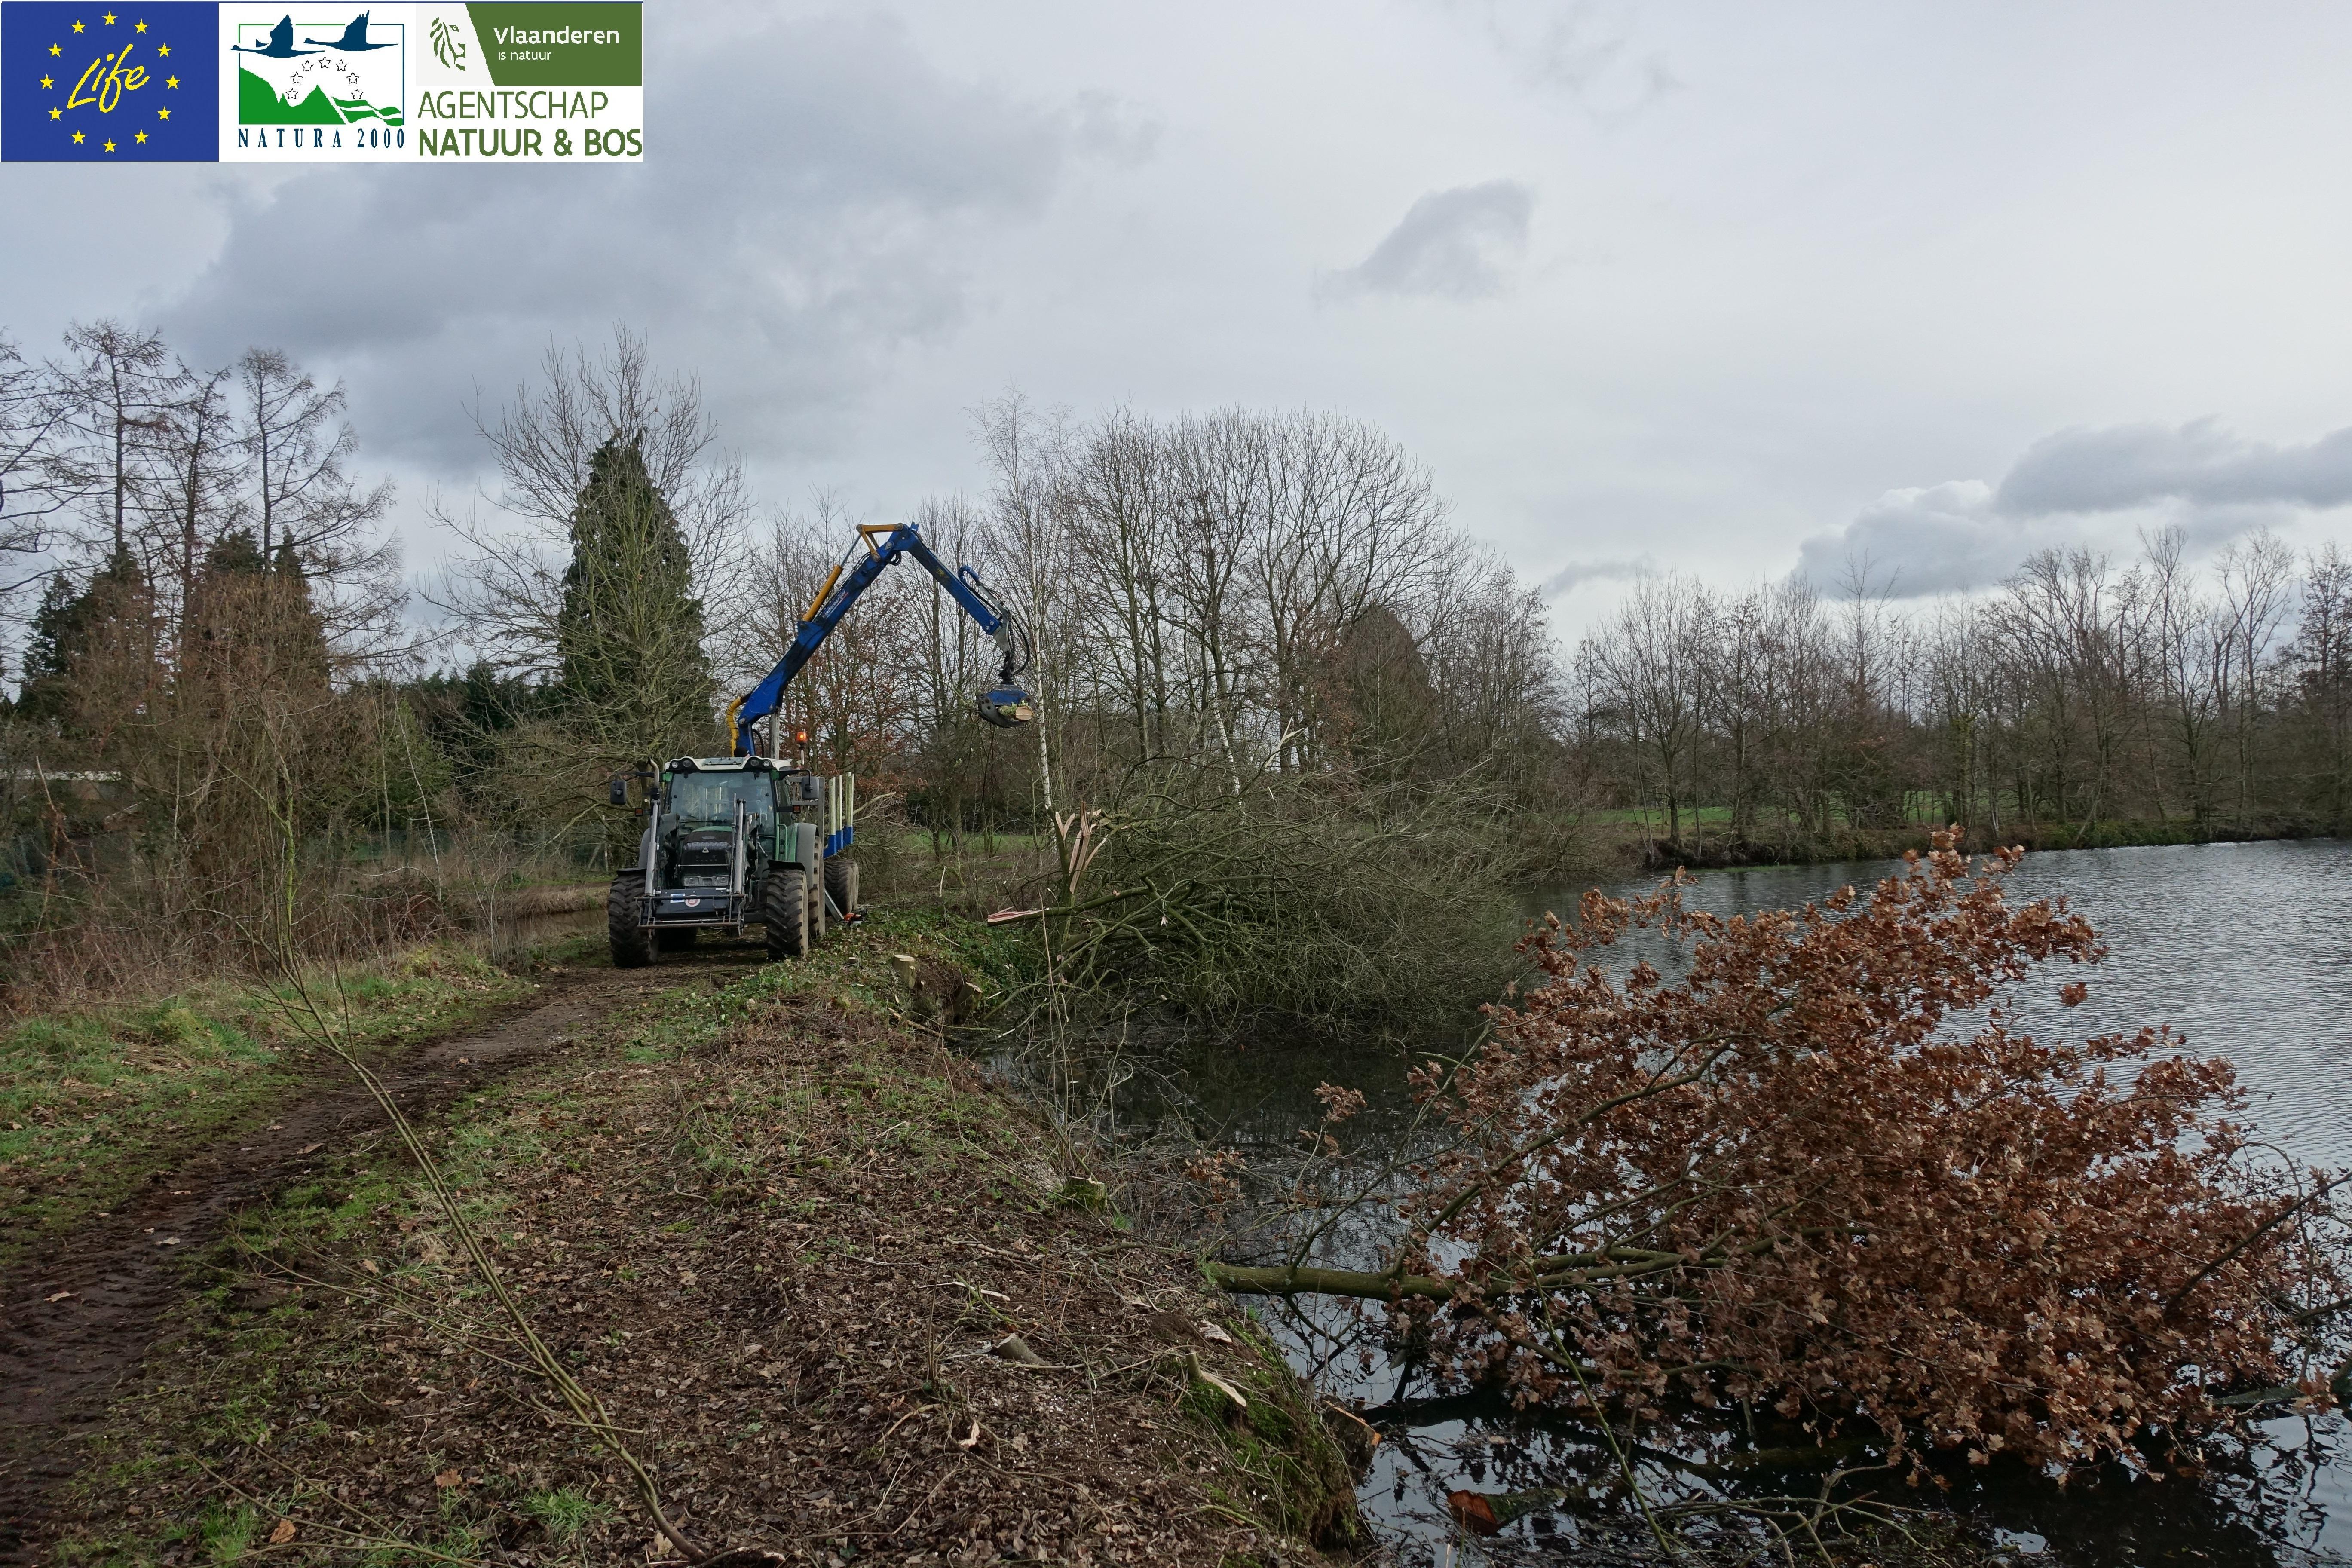 inrichting buitenomgeving site watermolen Bels Broek & Heide